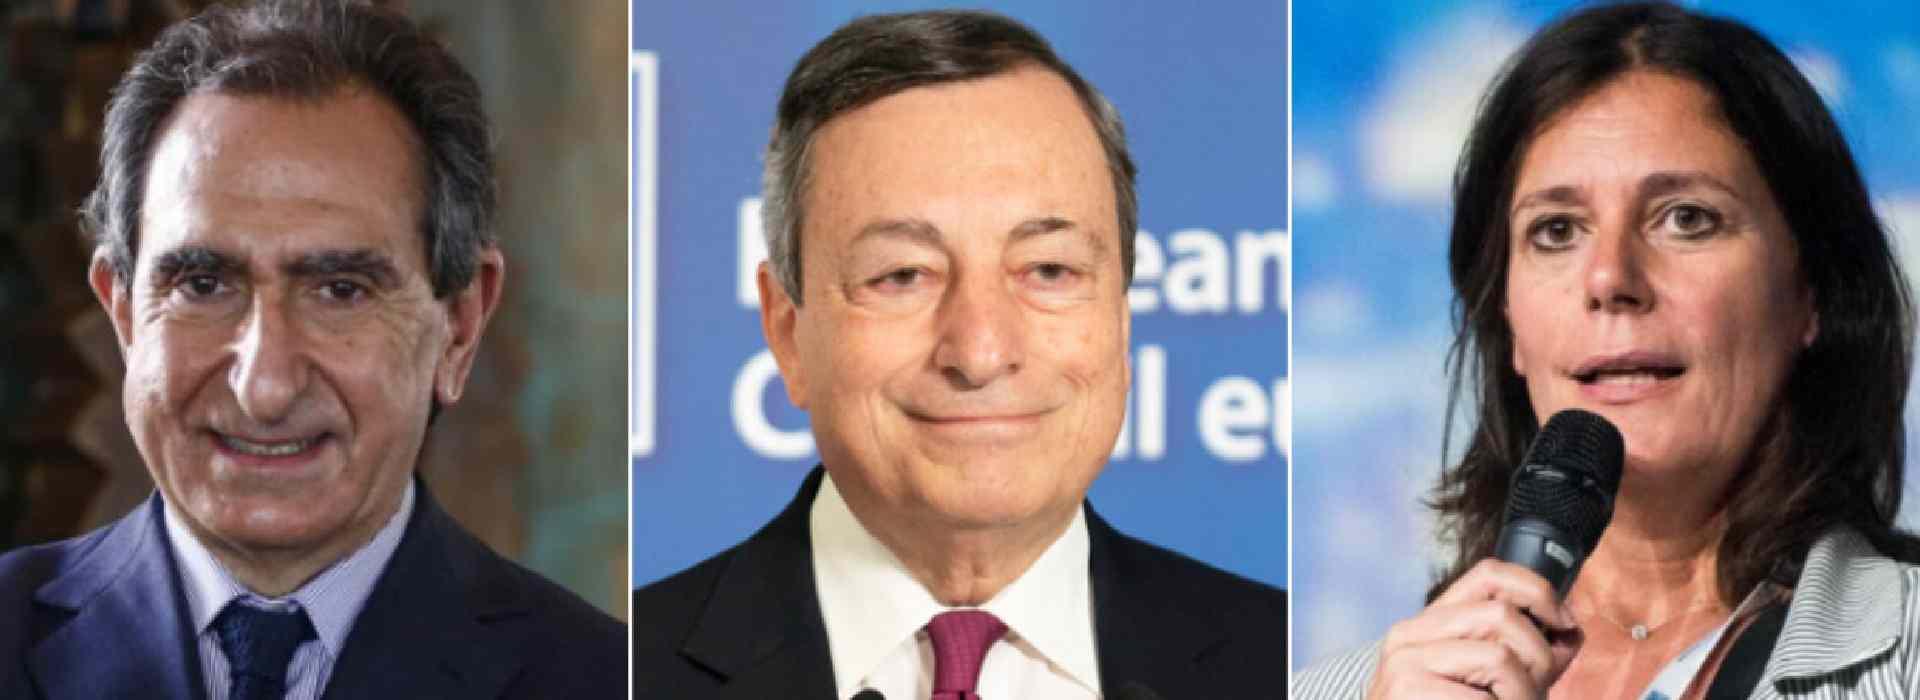 Mario Draghi si prende la Rai: arrivano Carlo Fuortes e Marinella Soldi